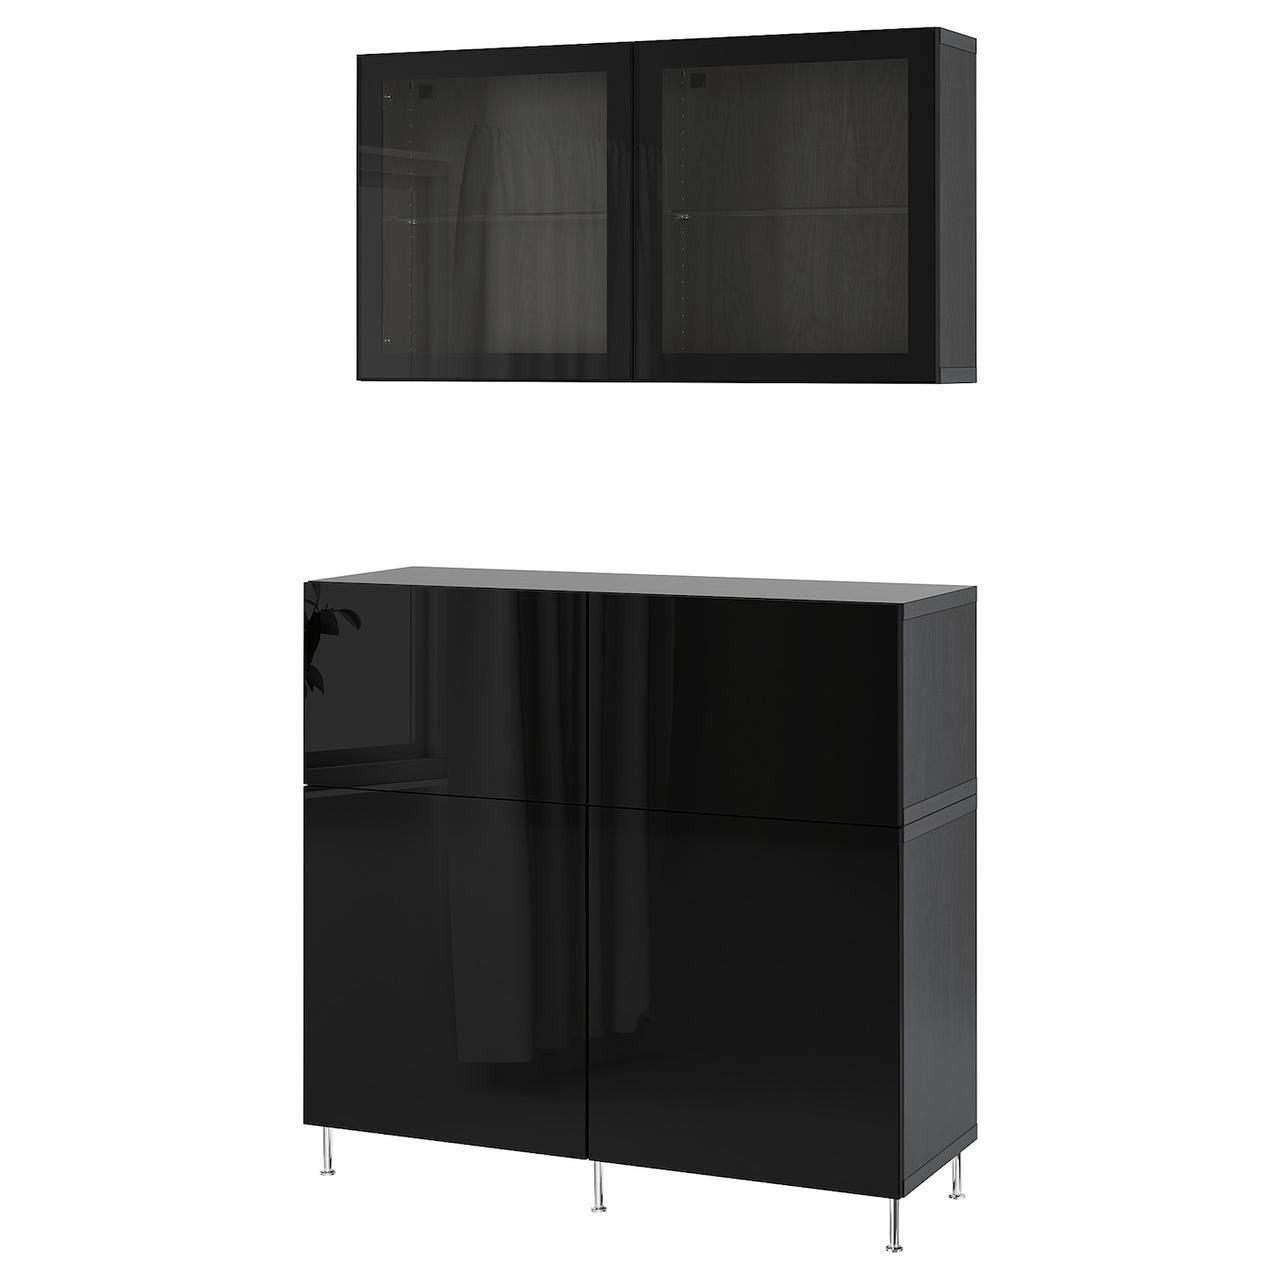 IKEA BESTA Тумба под телевизор 120x42x240 см (093.017.96), фото 1